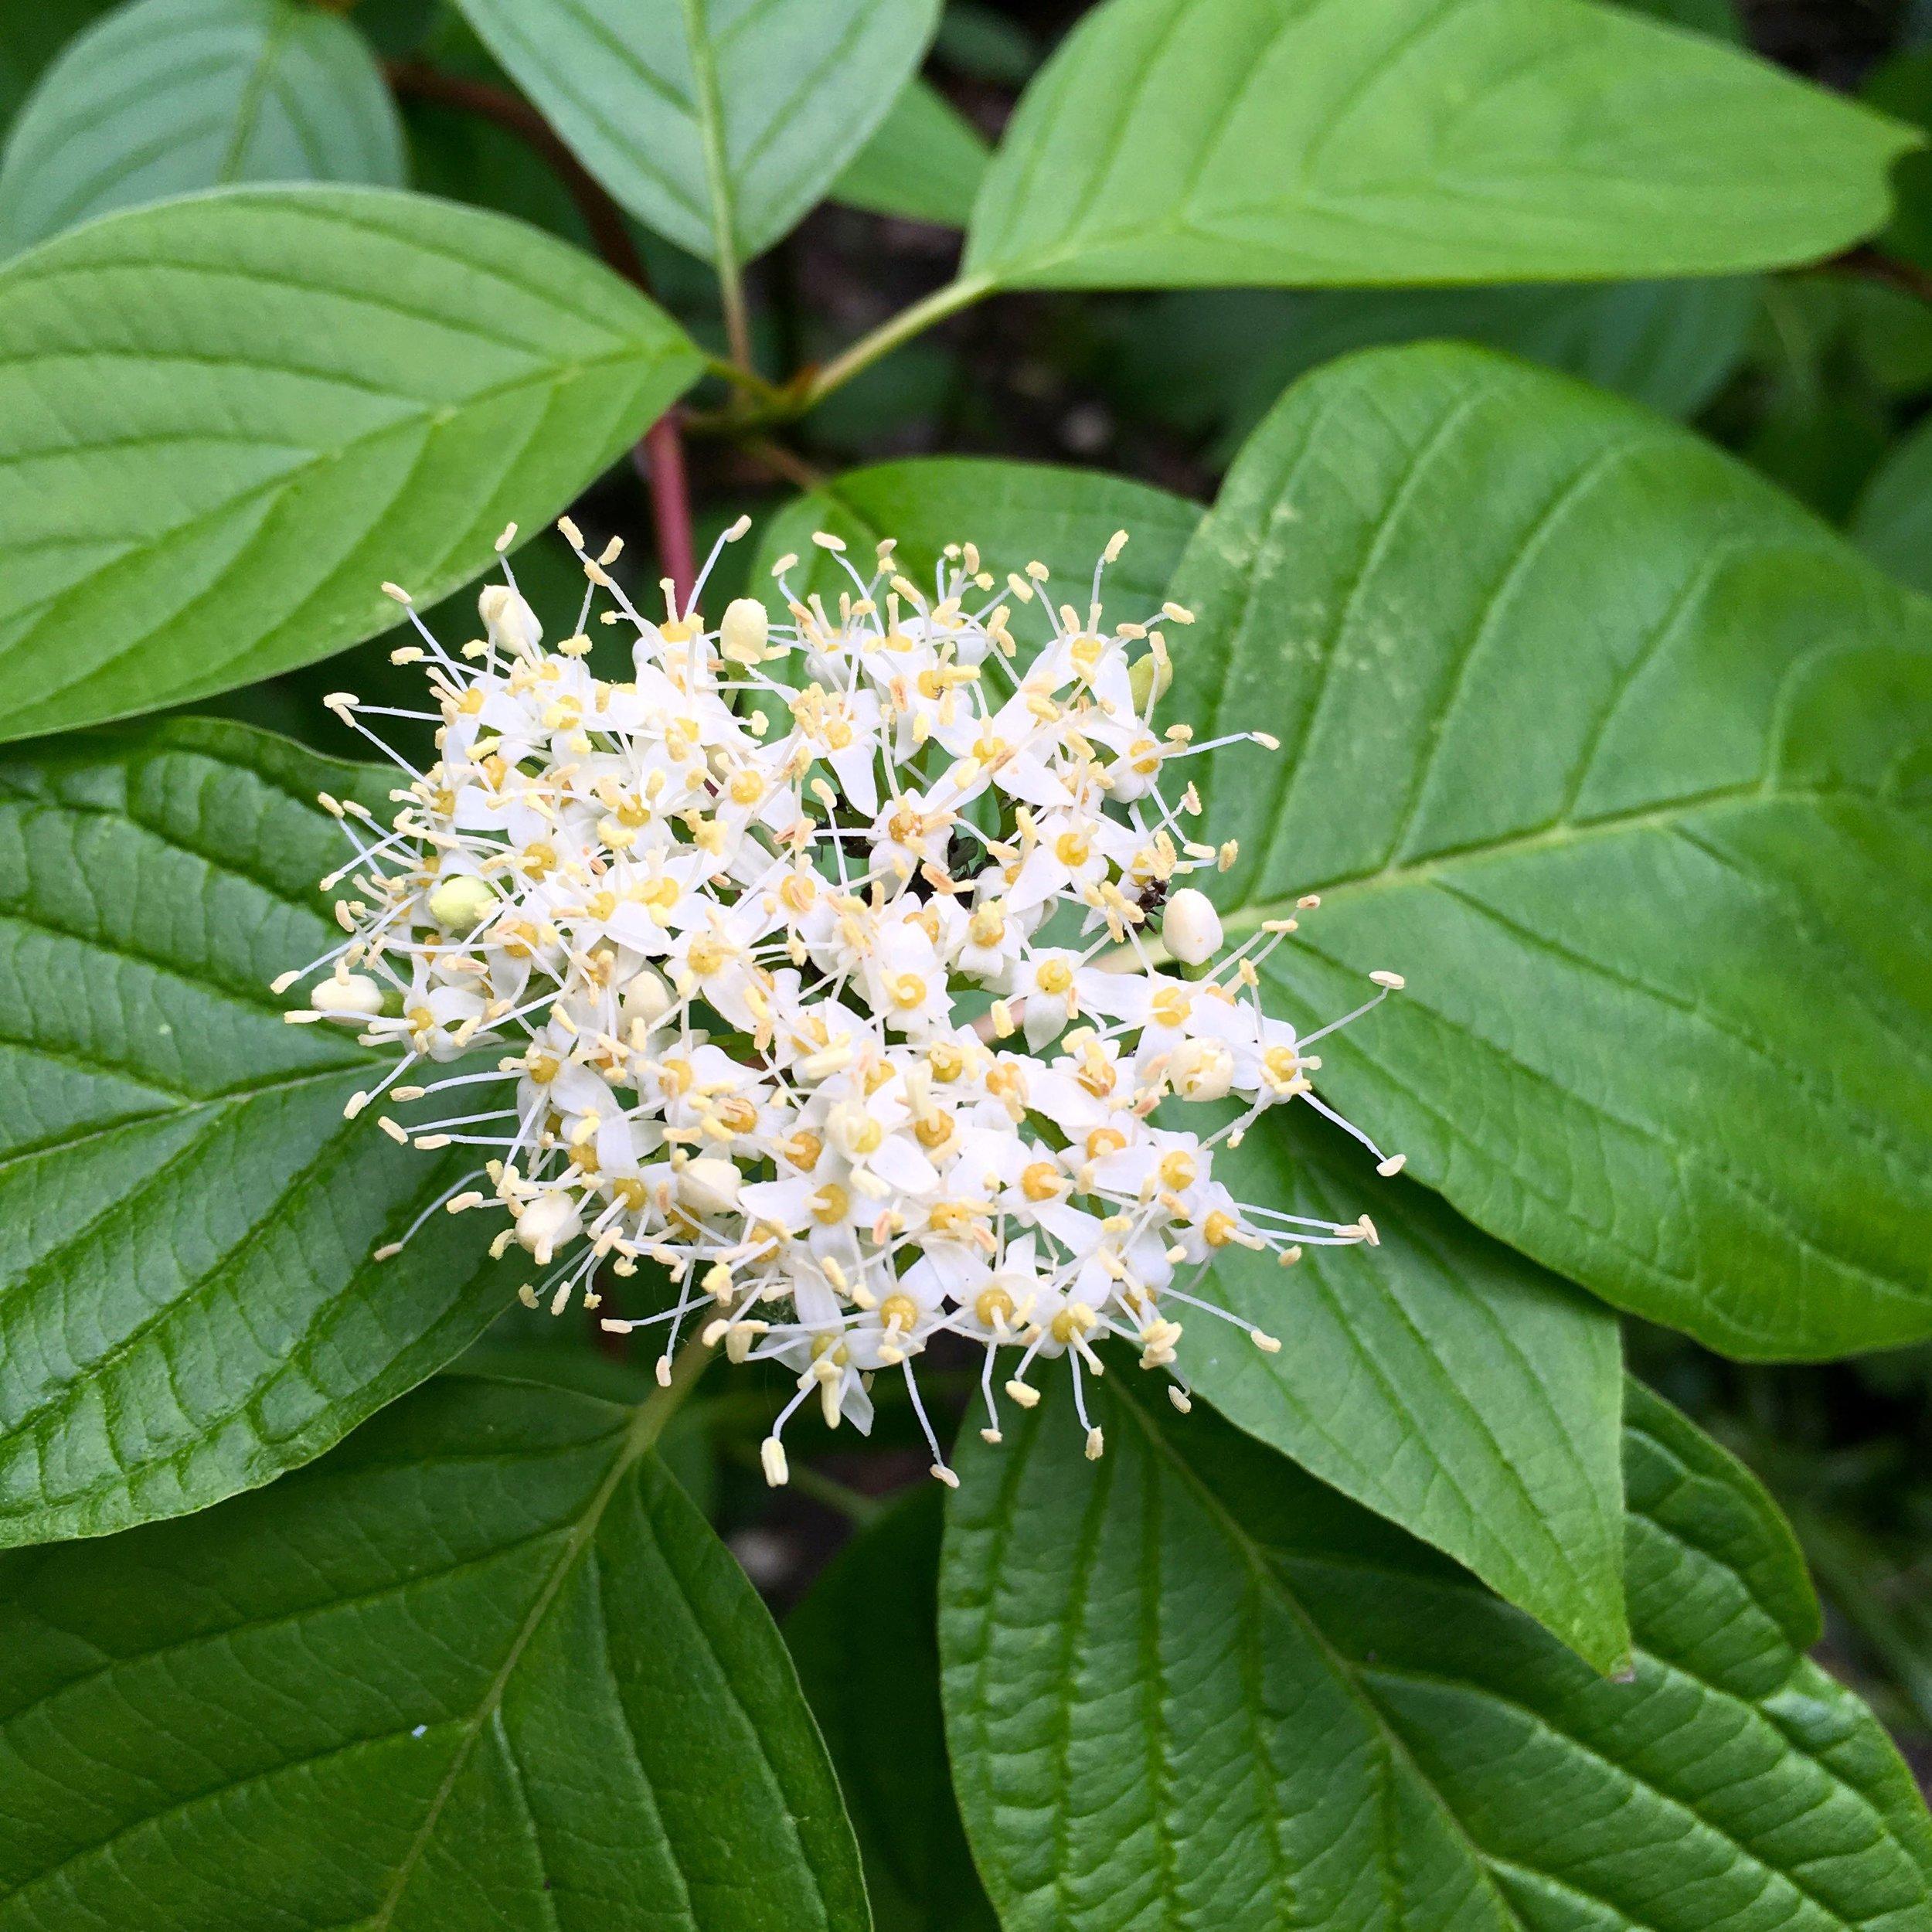 Dogwoods in flower